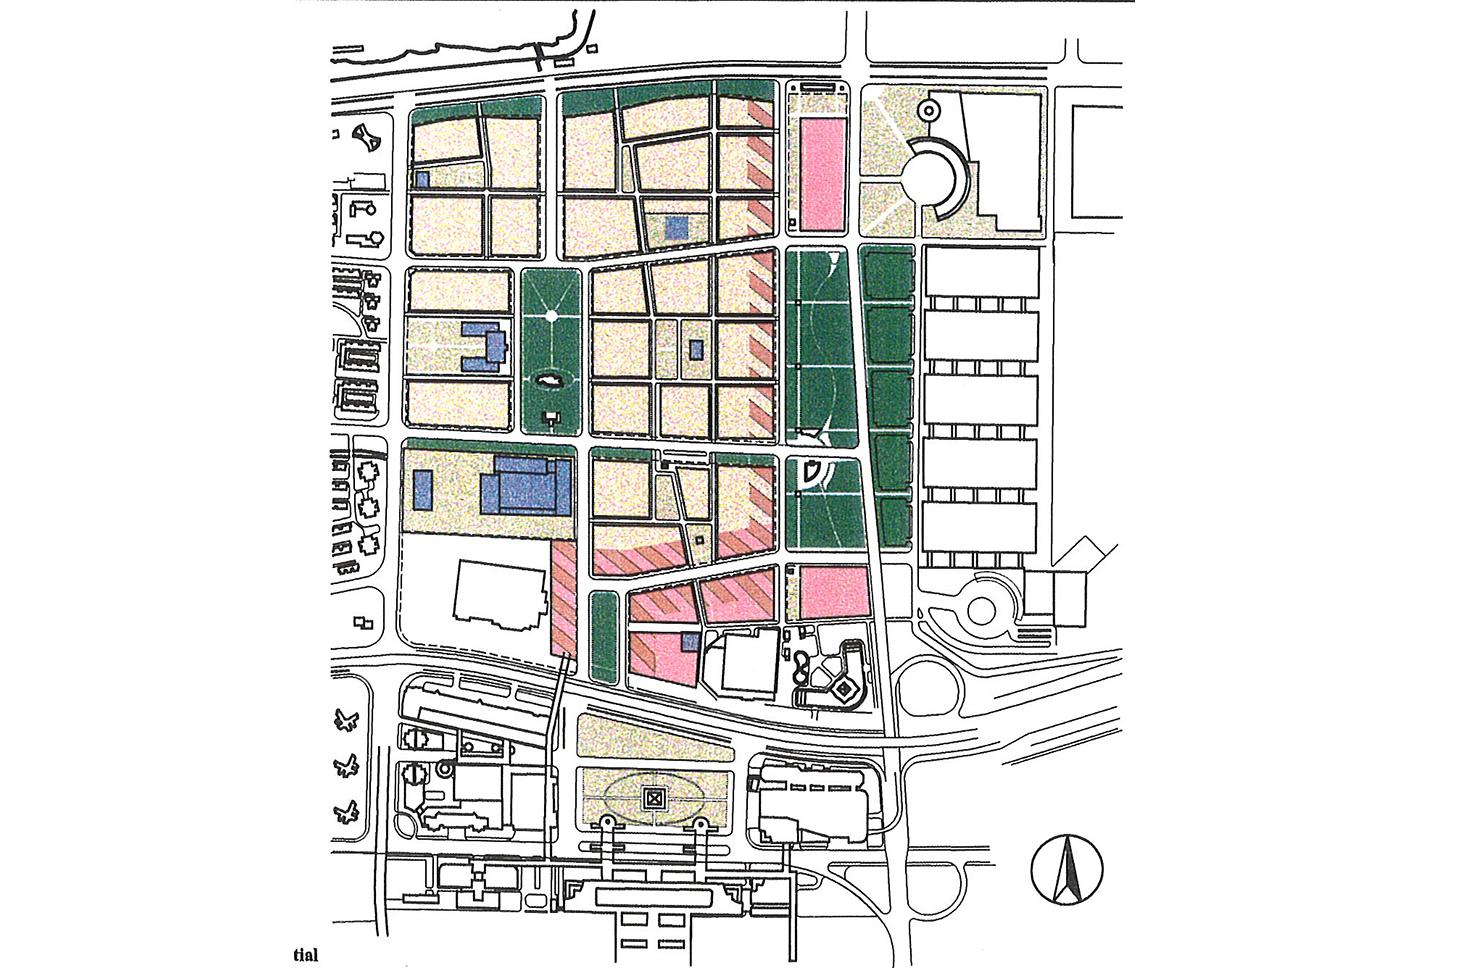 Huamu_Shanghai_Land use plan_re-sized